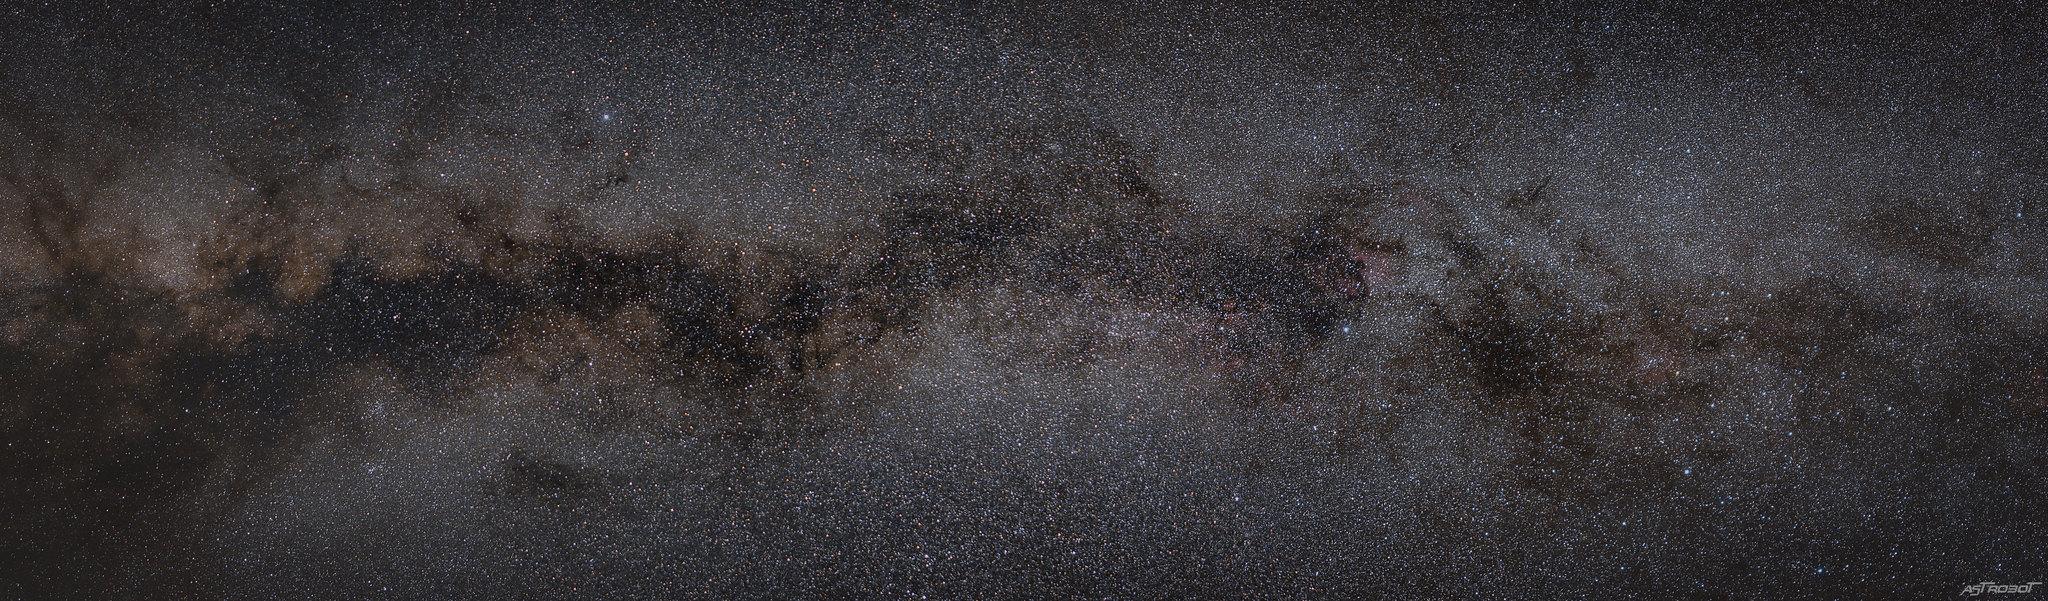 Voie Lactée - Page 10 50135566457_f94c203615_k